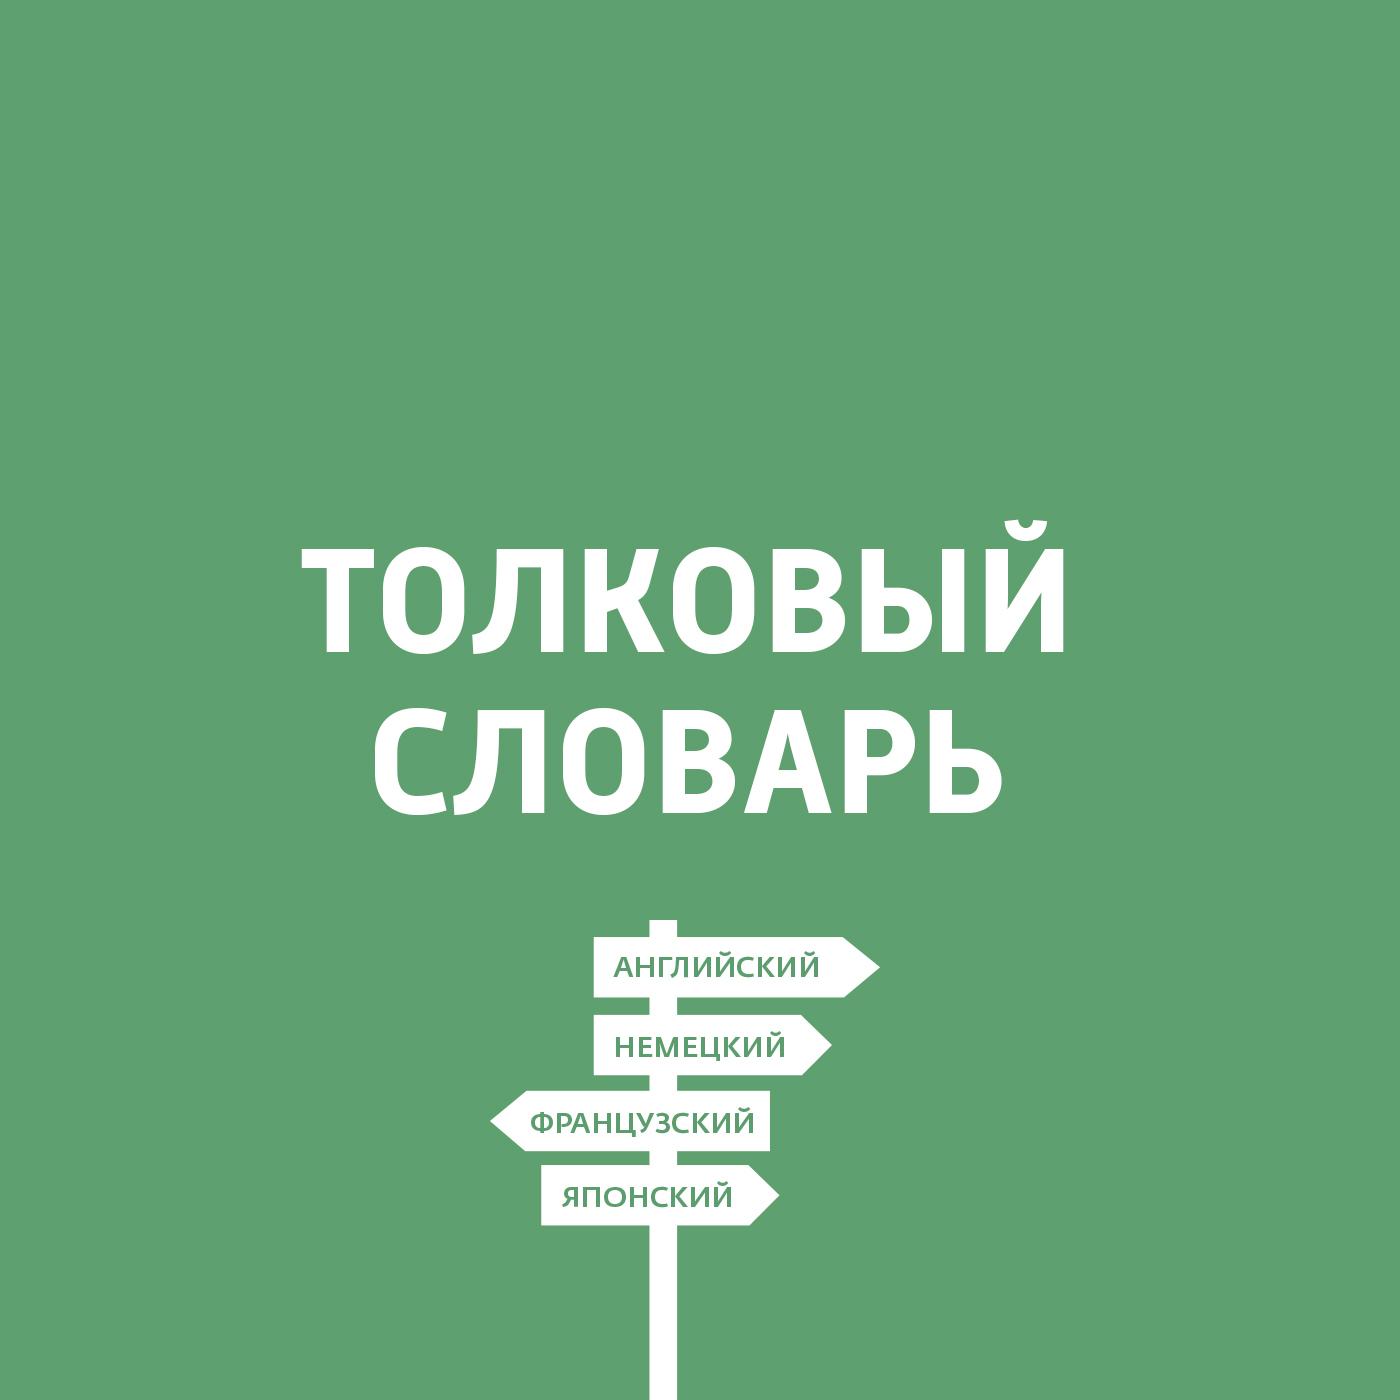 Дмитрий Петров Толковый словарь. Испанский язык. Часть 2 цены